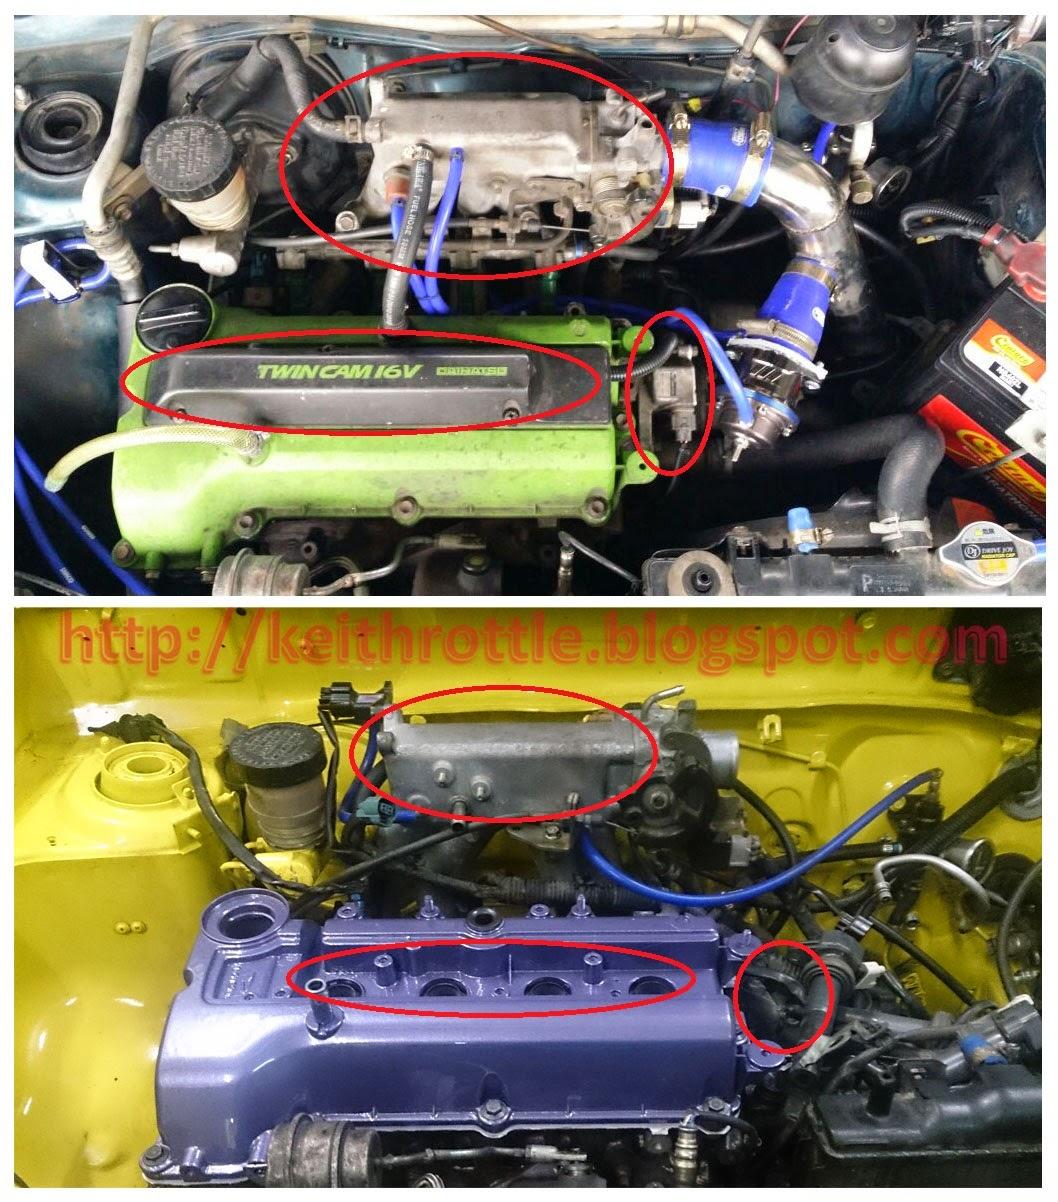 jb jl vs jb det daihatsu engine comparison [ 1058 x 1202 Pixel ]